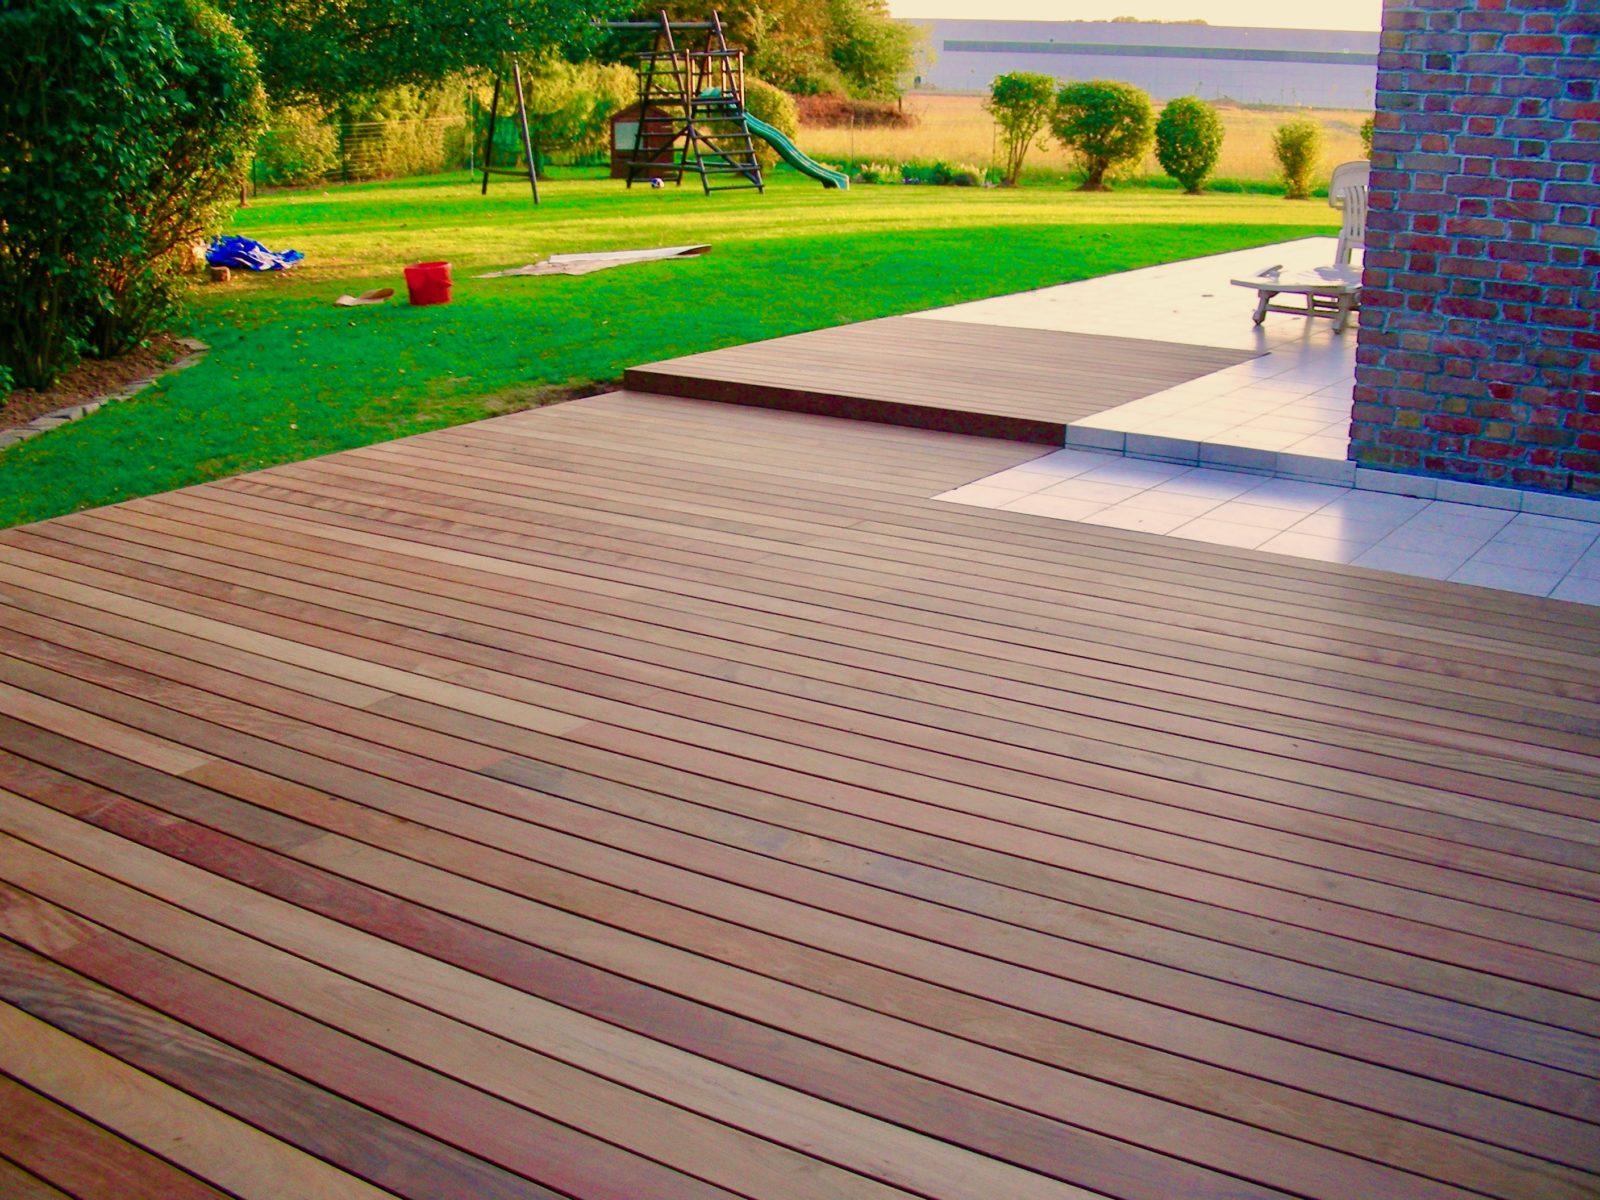 Comment calculer le prix d'une terrasse en bois?